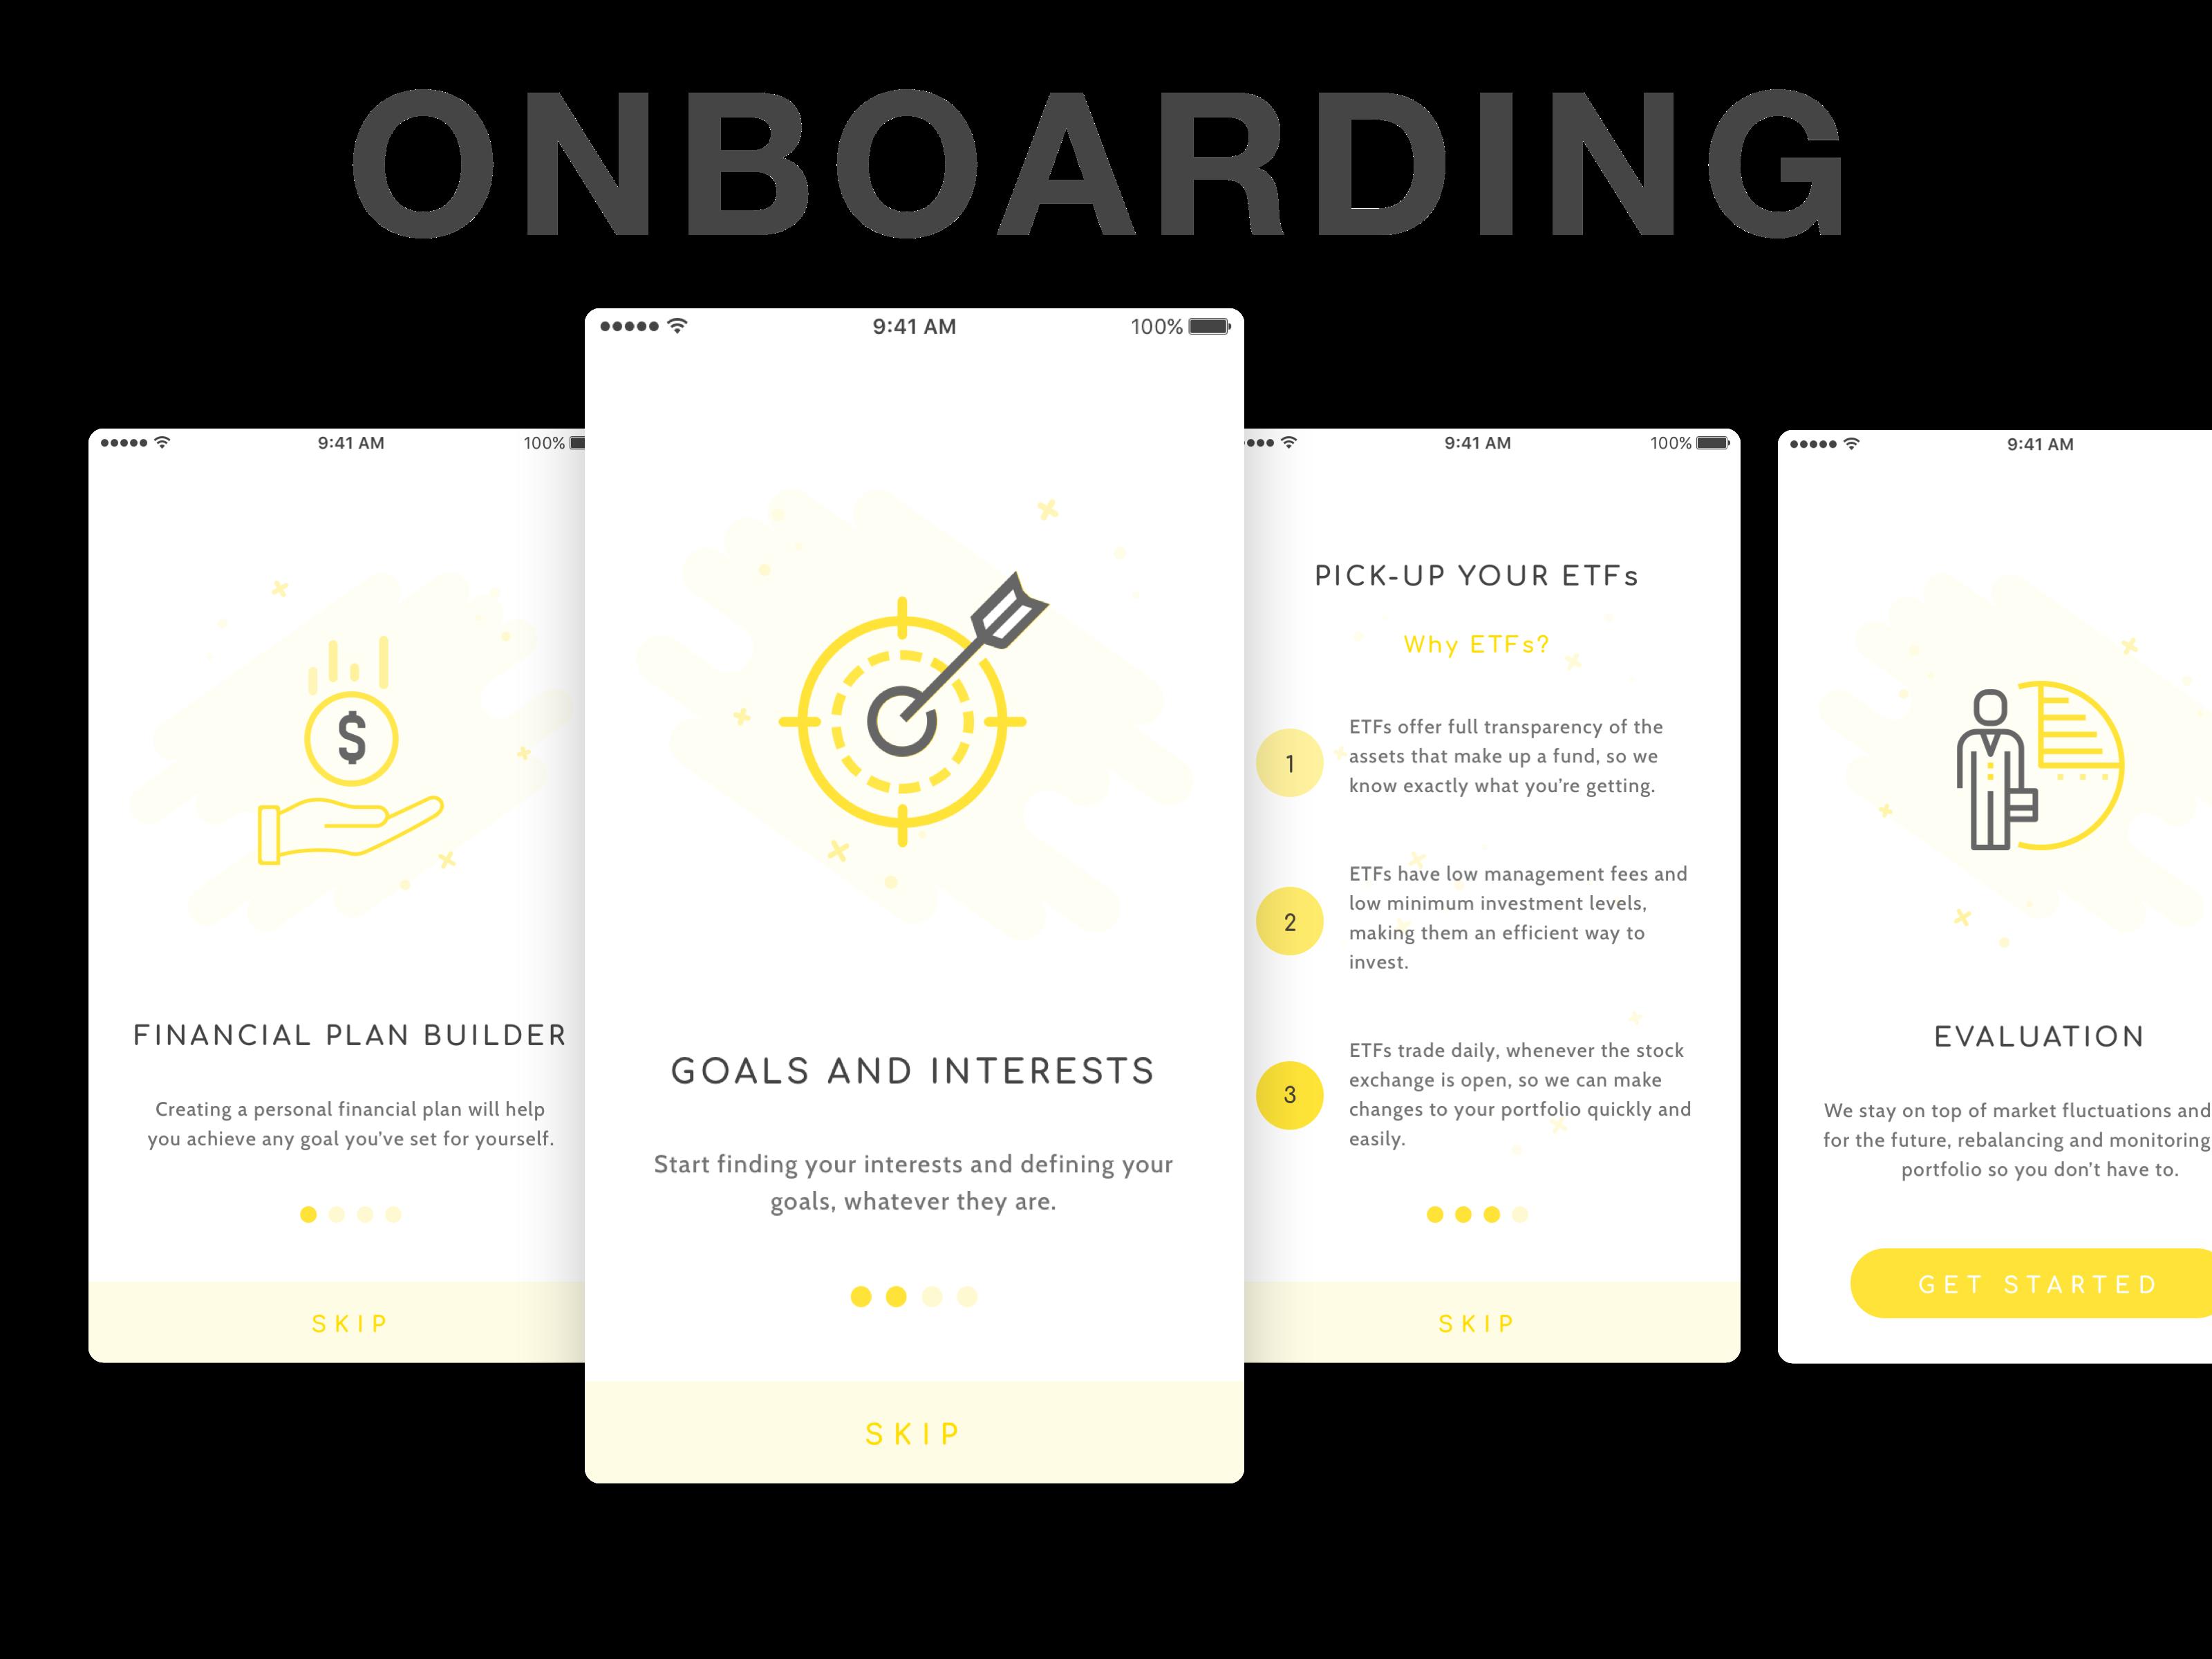 onboarding-trans